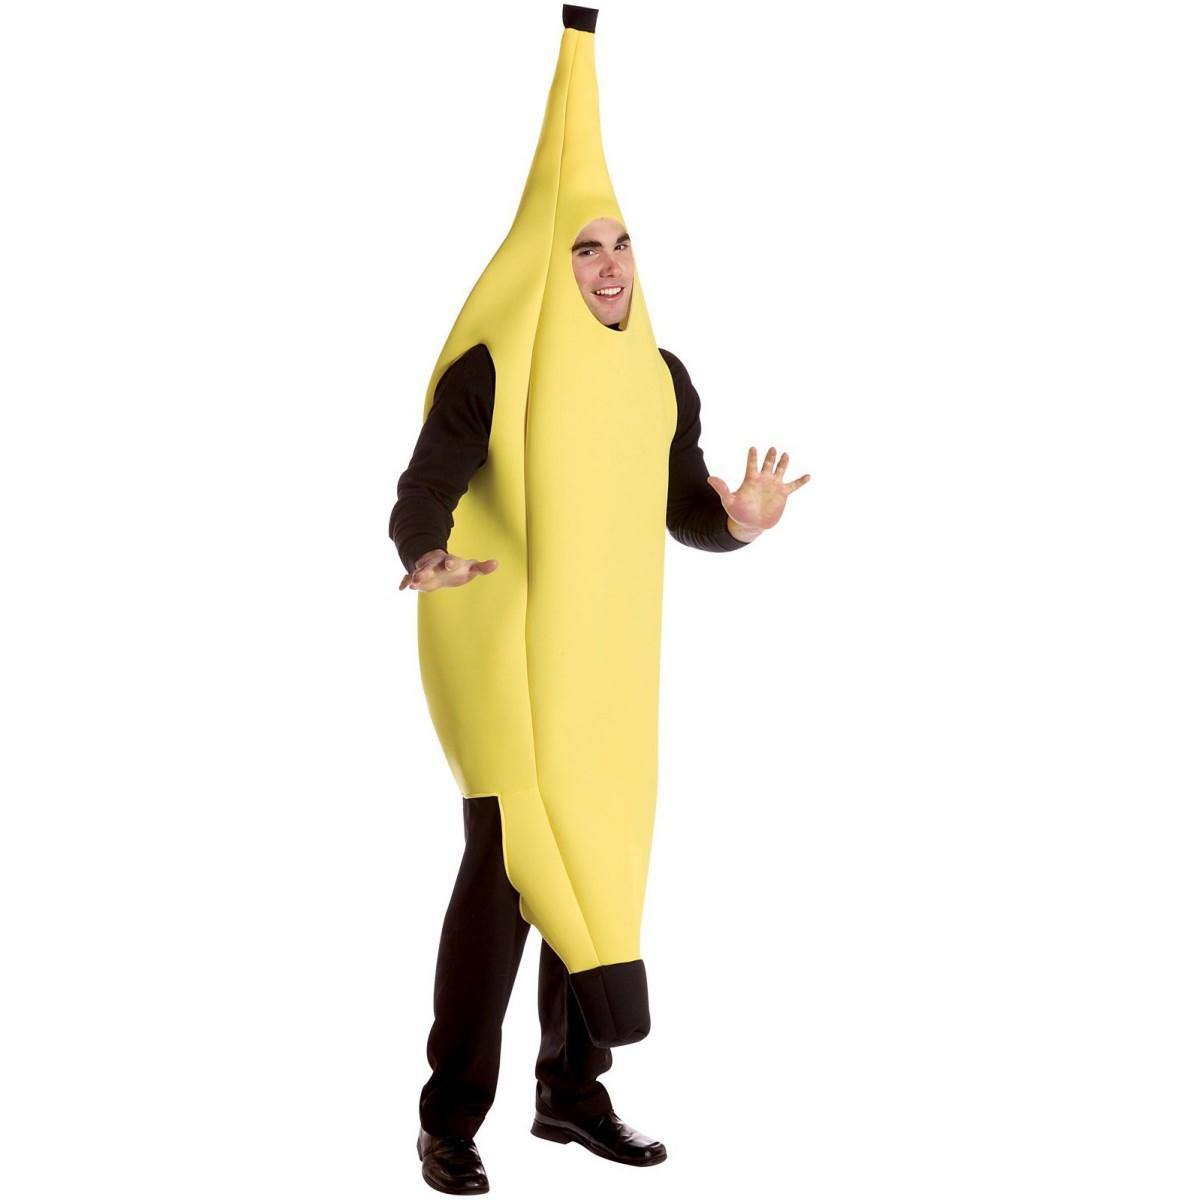 衣装 コスチューム バナナ 大人用ハロウィンコスプレ衣装ハロウィン 衣装・コスチューム